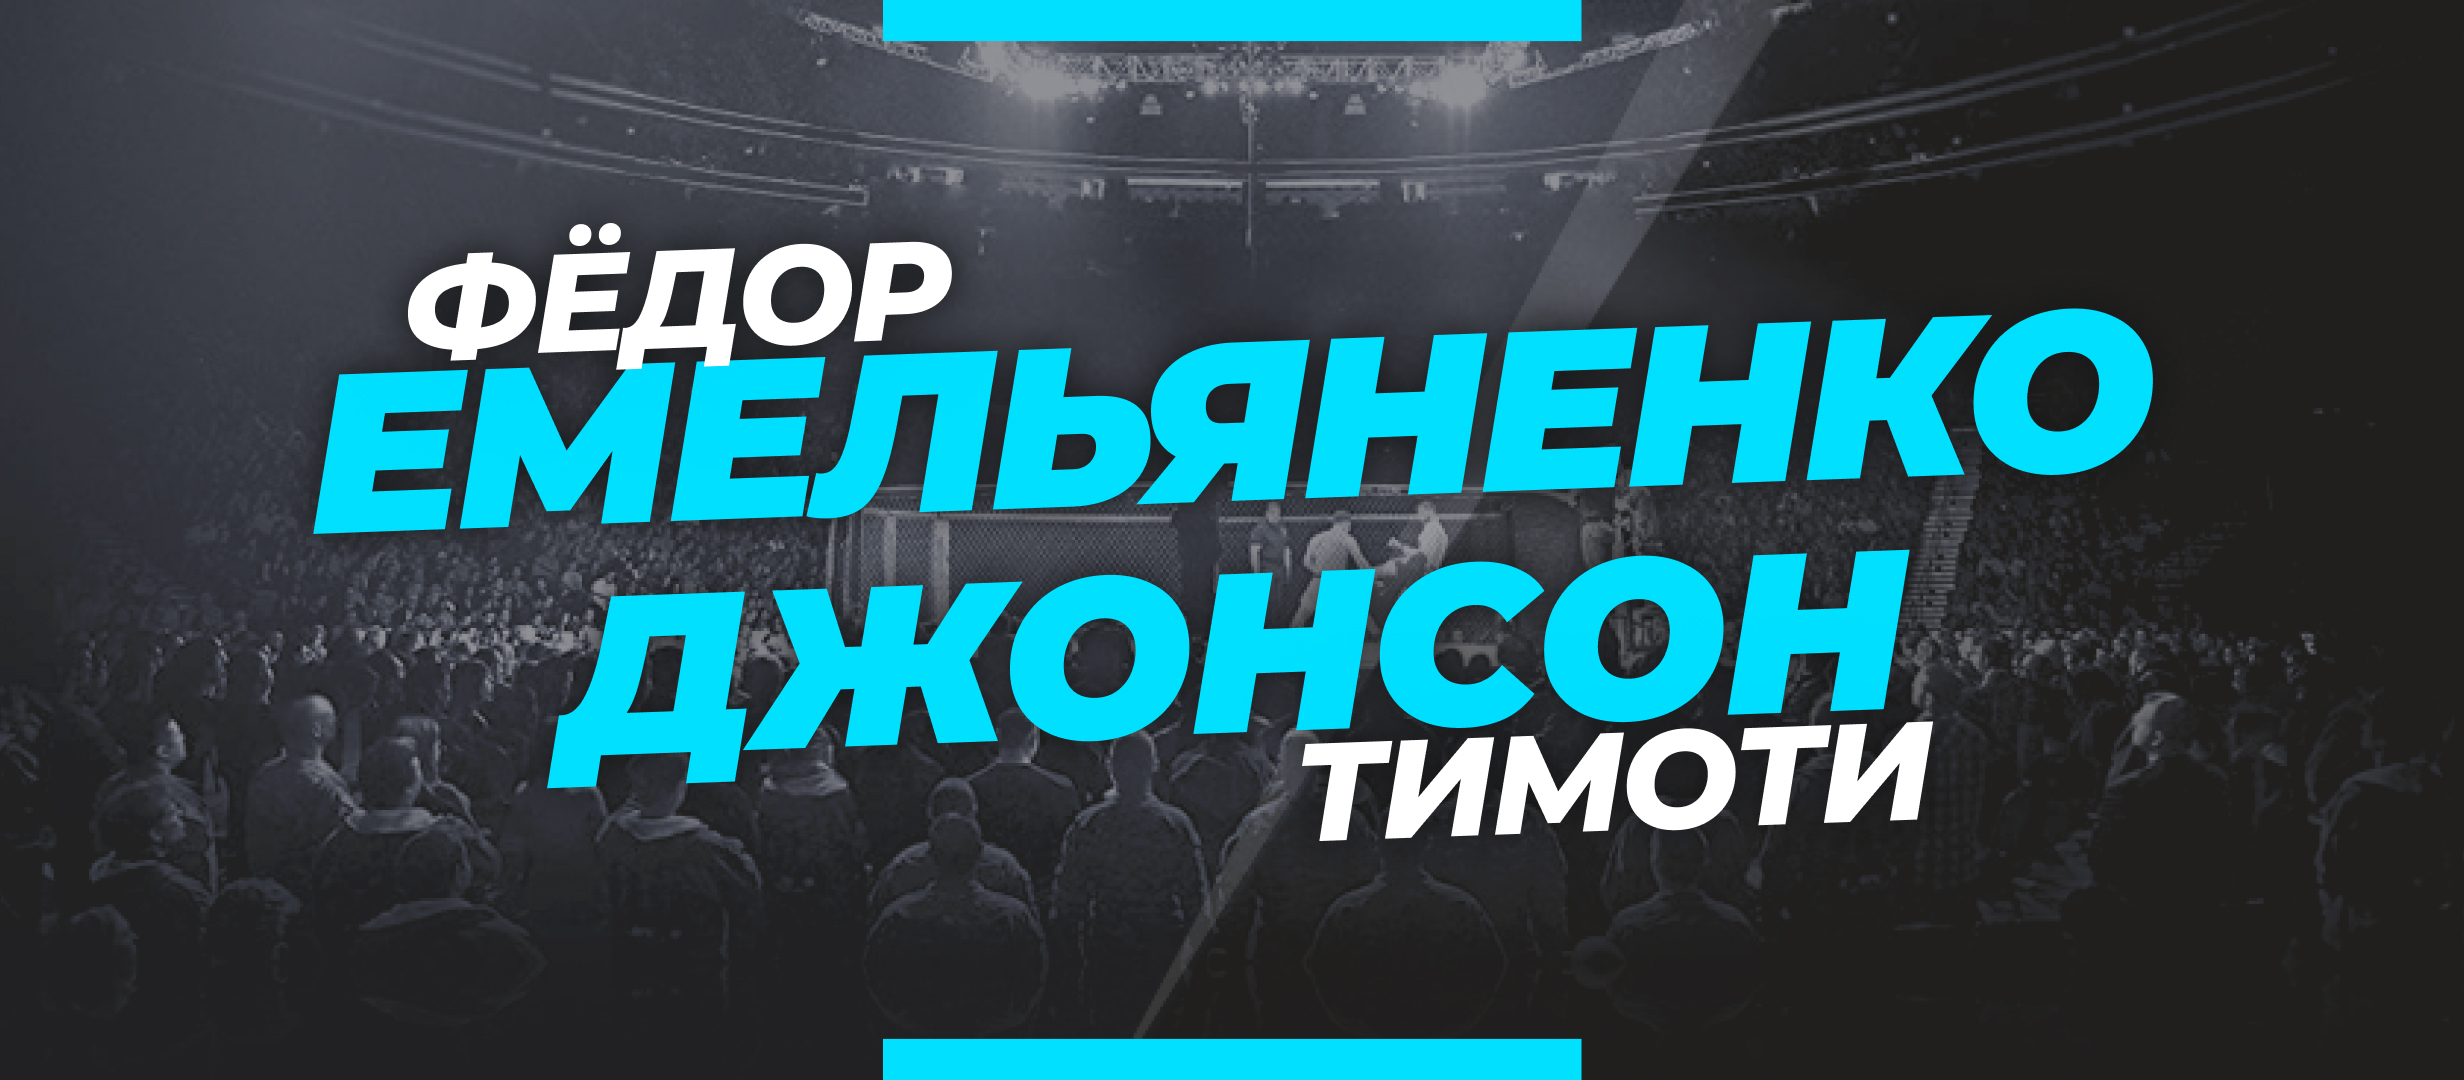 Емельяненко — Джонсон: ставки и коэффициенты на бой MMA